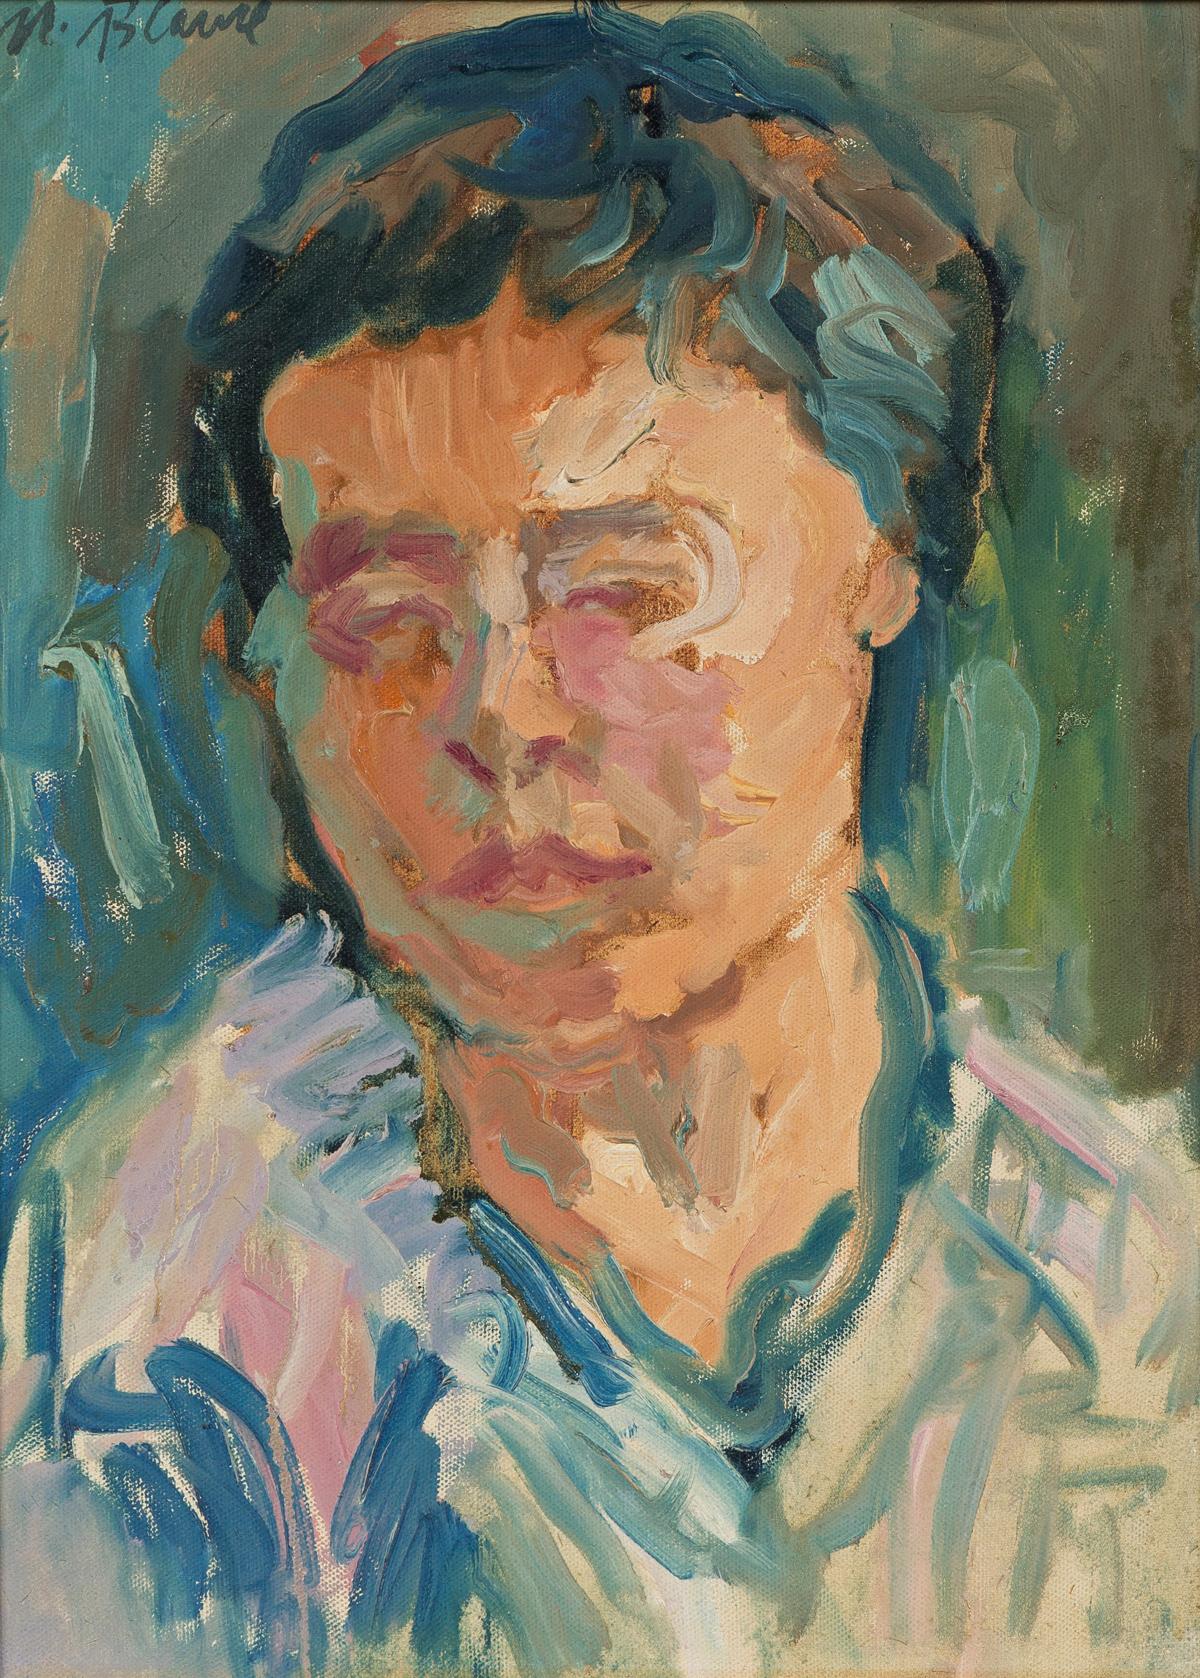 NELL BLAINE Portrait of Dilys Evans.